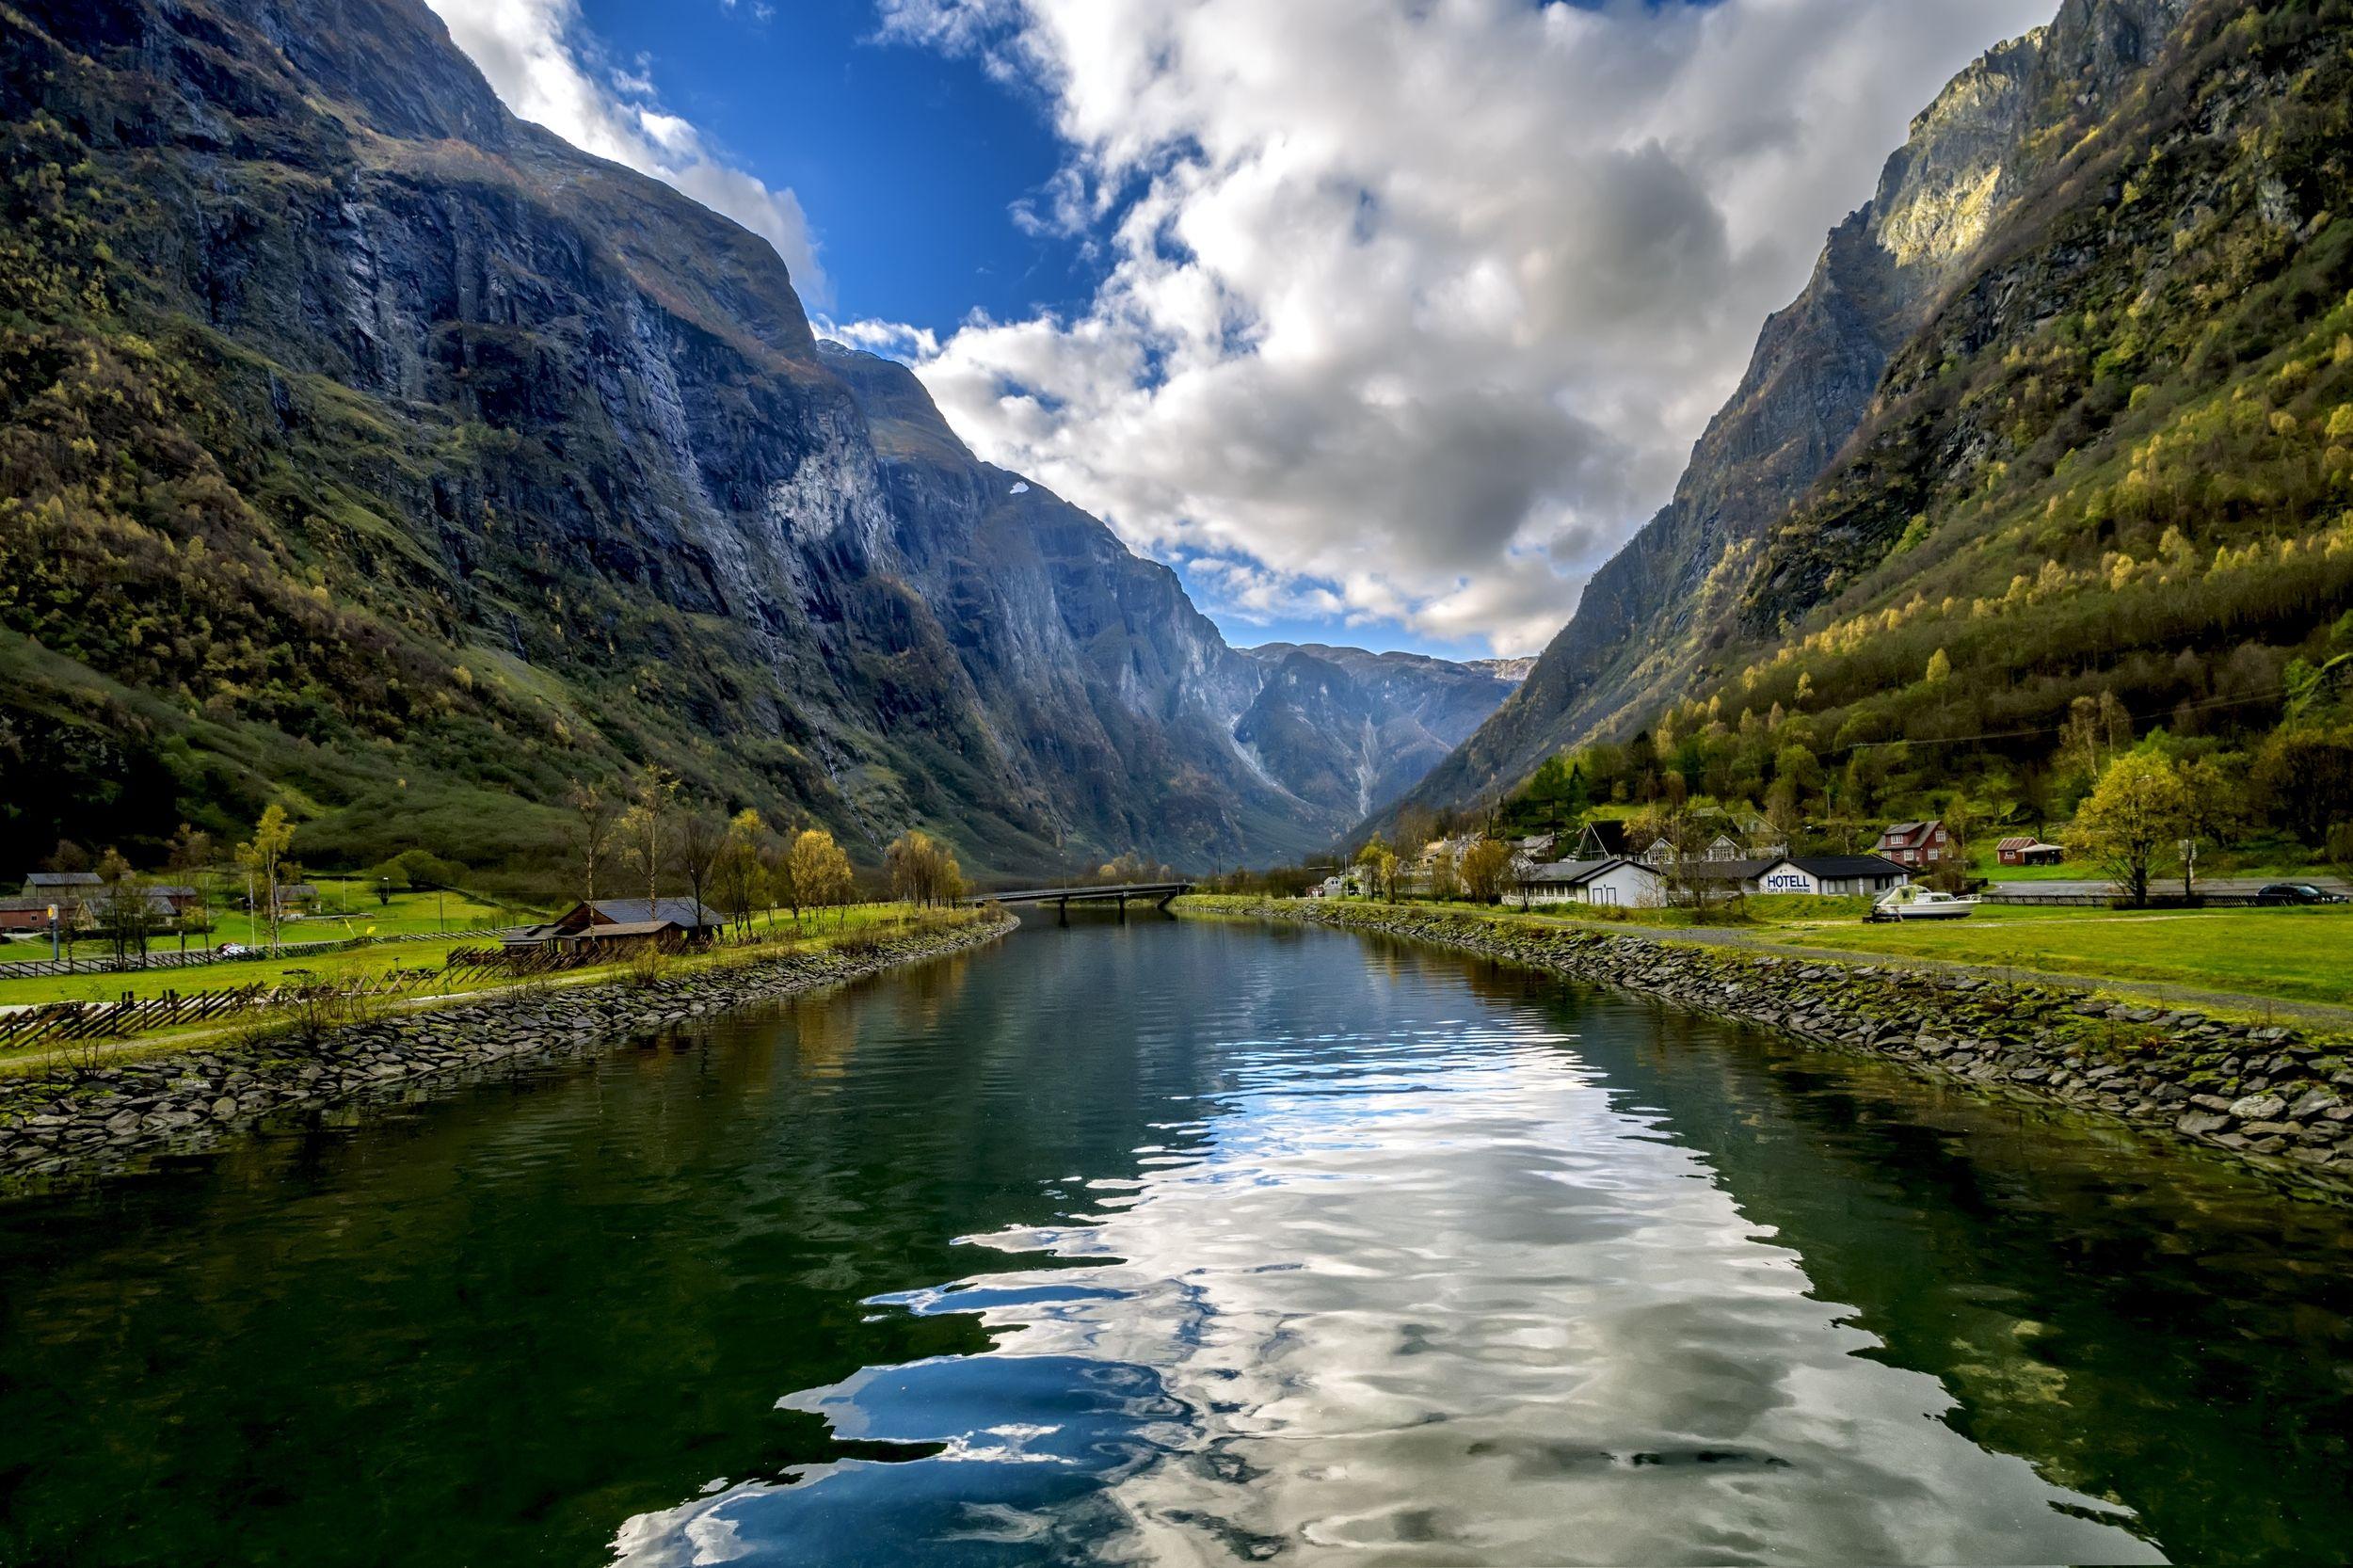 пейзаж,фьорд,горы,небо,облака,берега,домики, Тамара